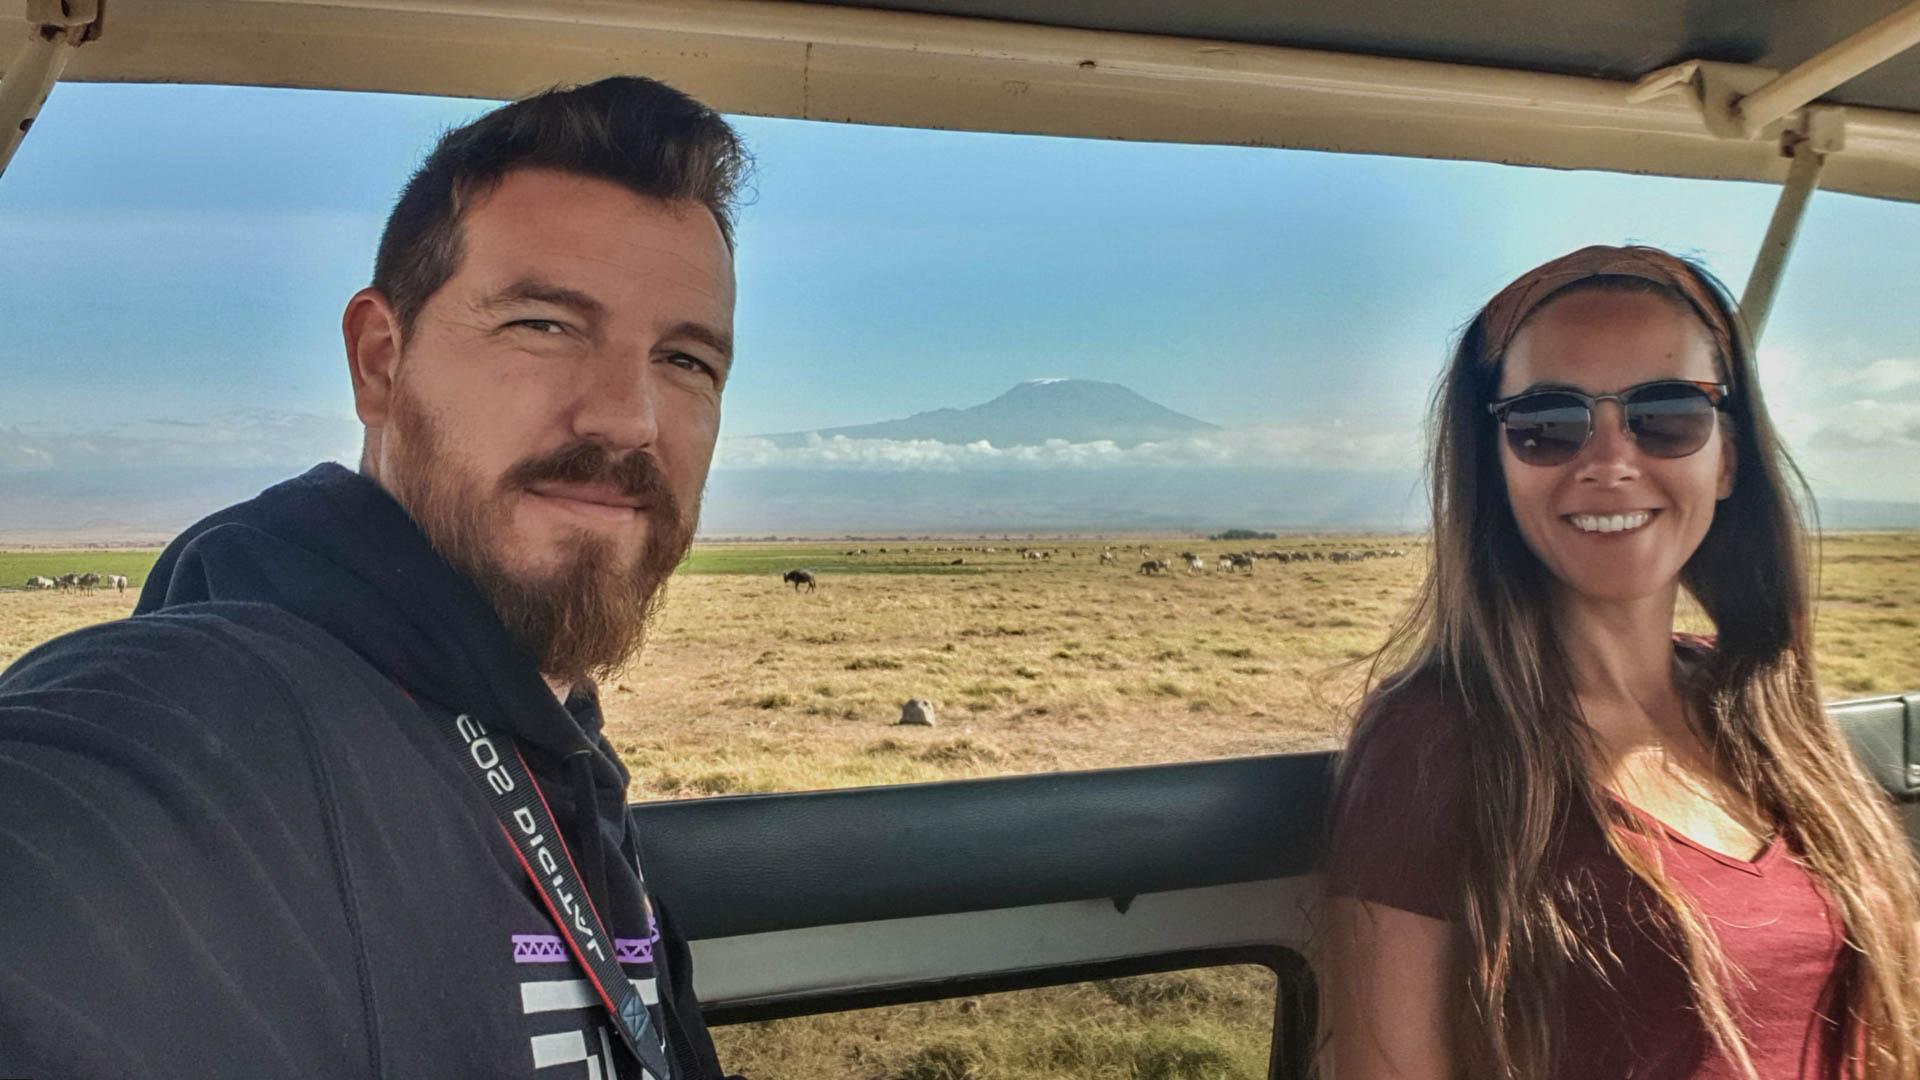 Comienzan a llegar las nubes al Kilimanjaro, Amboseli, Kenia